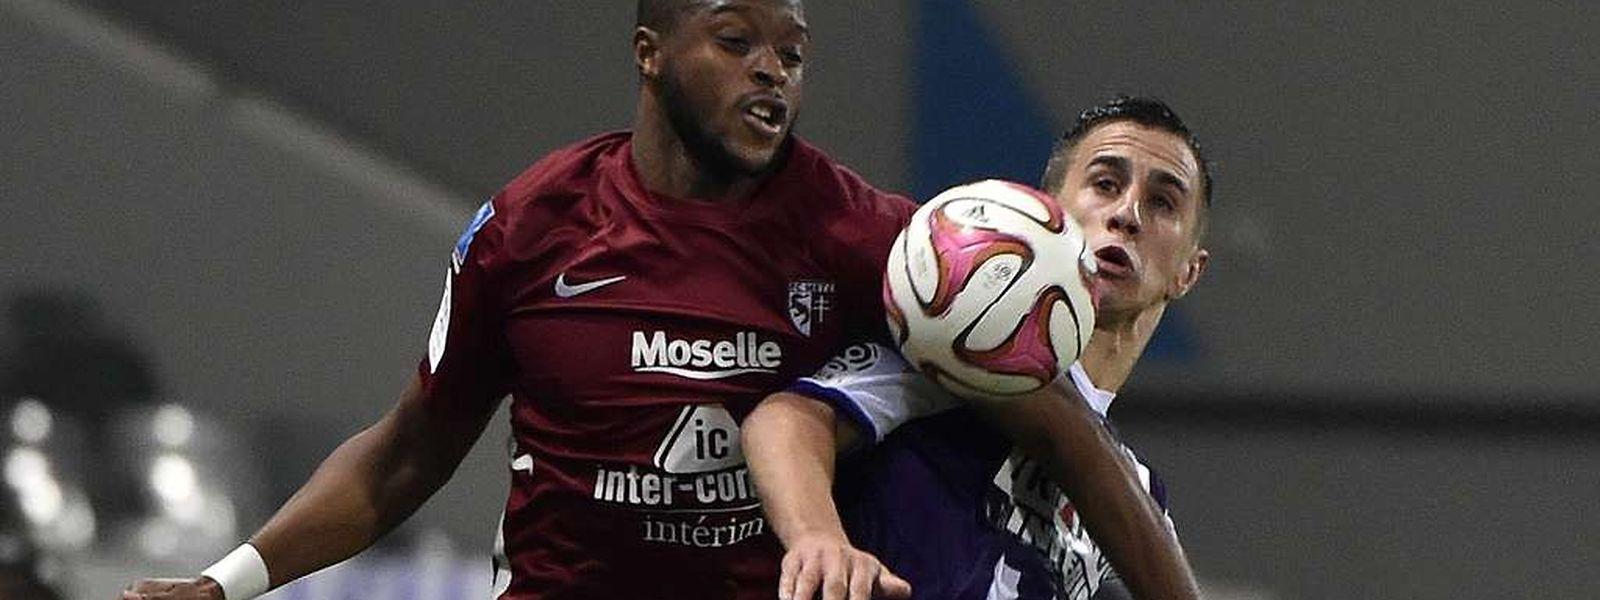 C'est avec le statut de champion dÂfrique que Cheick Doukouré retrouve le FC Metz. «Je vais essayer de transmettre ma confiance au groupe en sachant que je ne pourrai rien changer tout seul», dit-il.